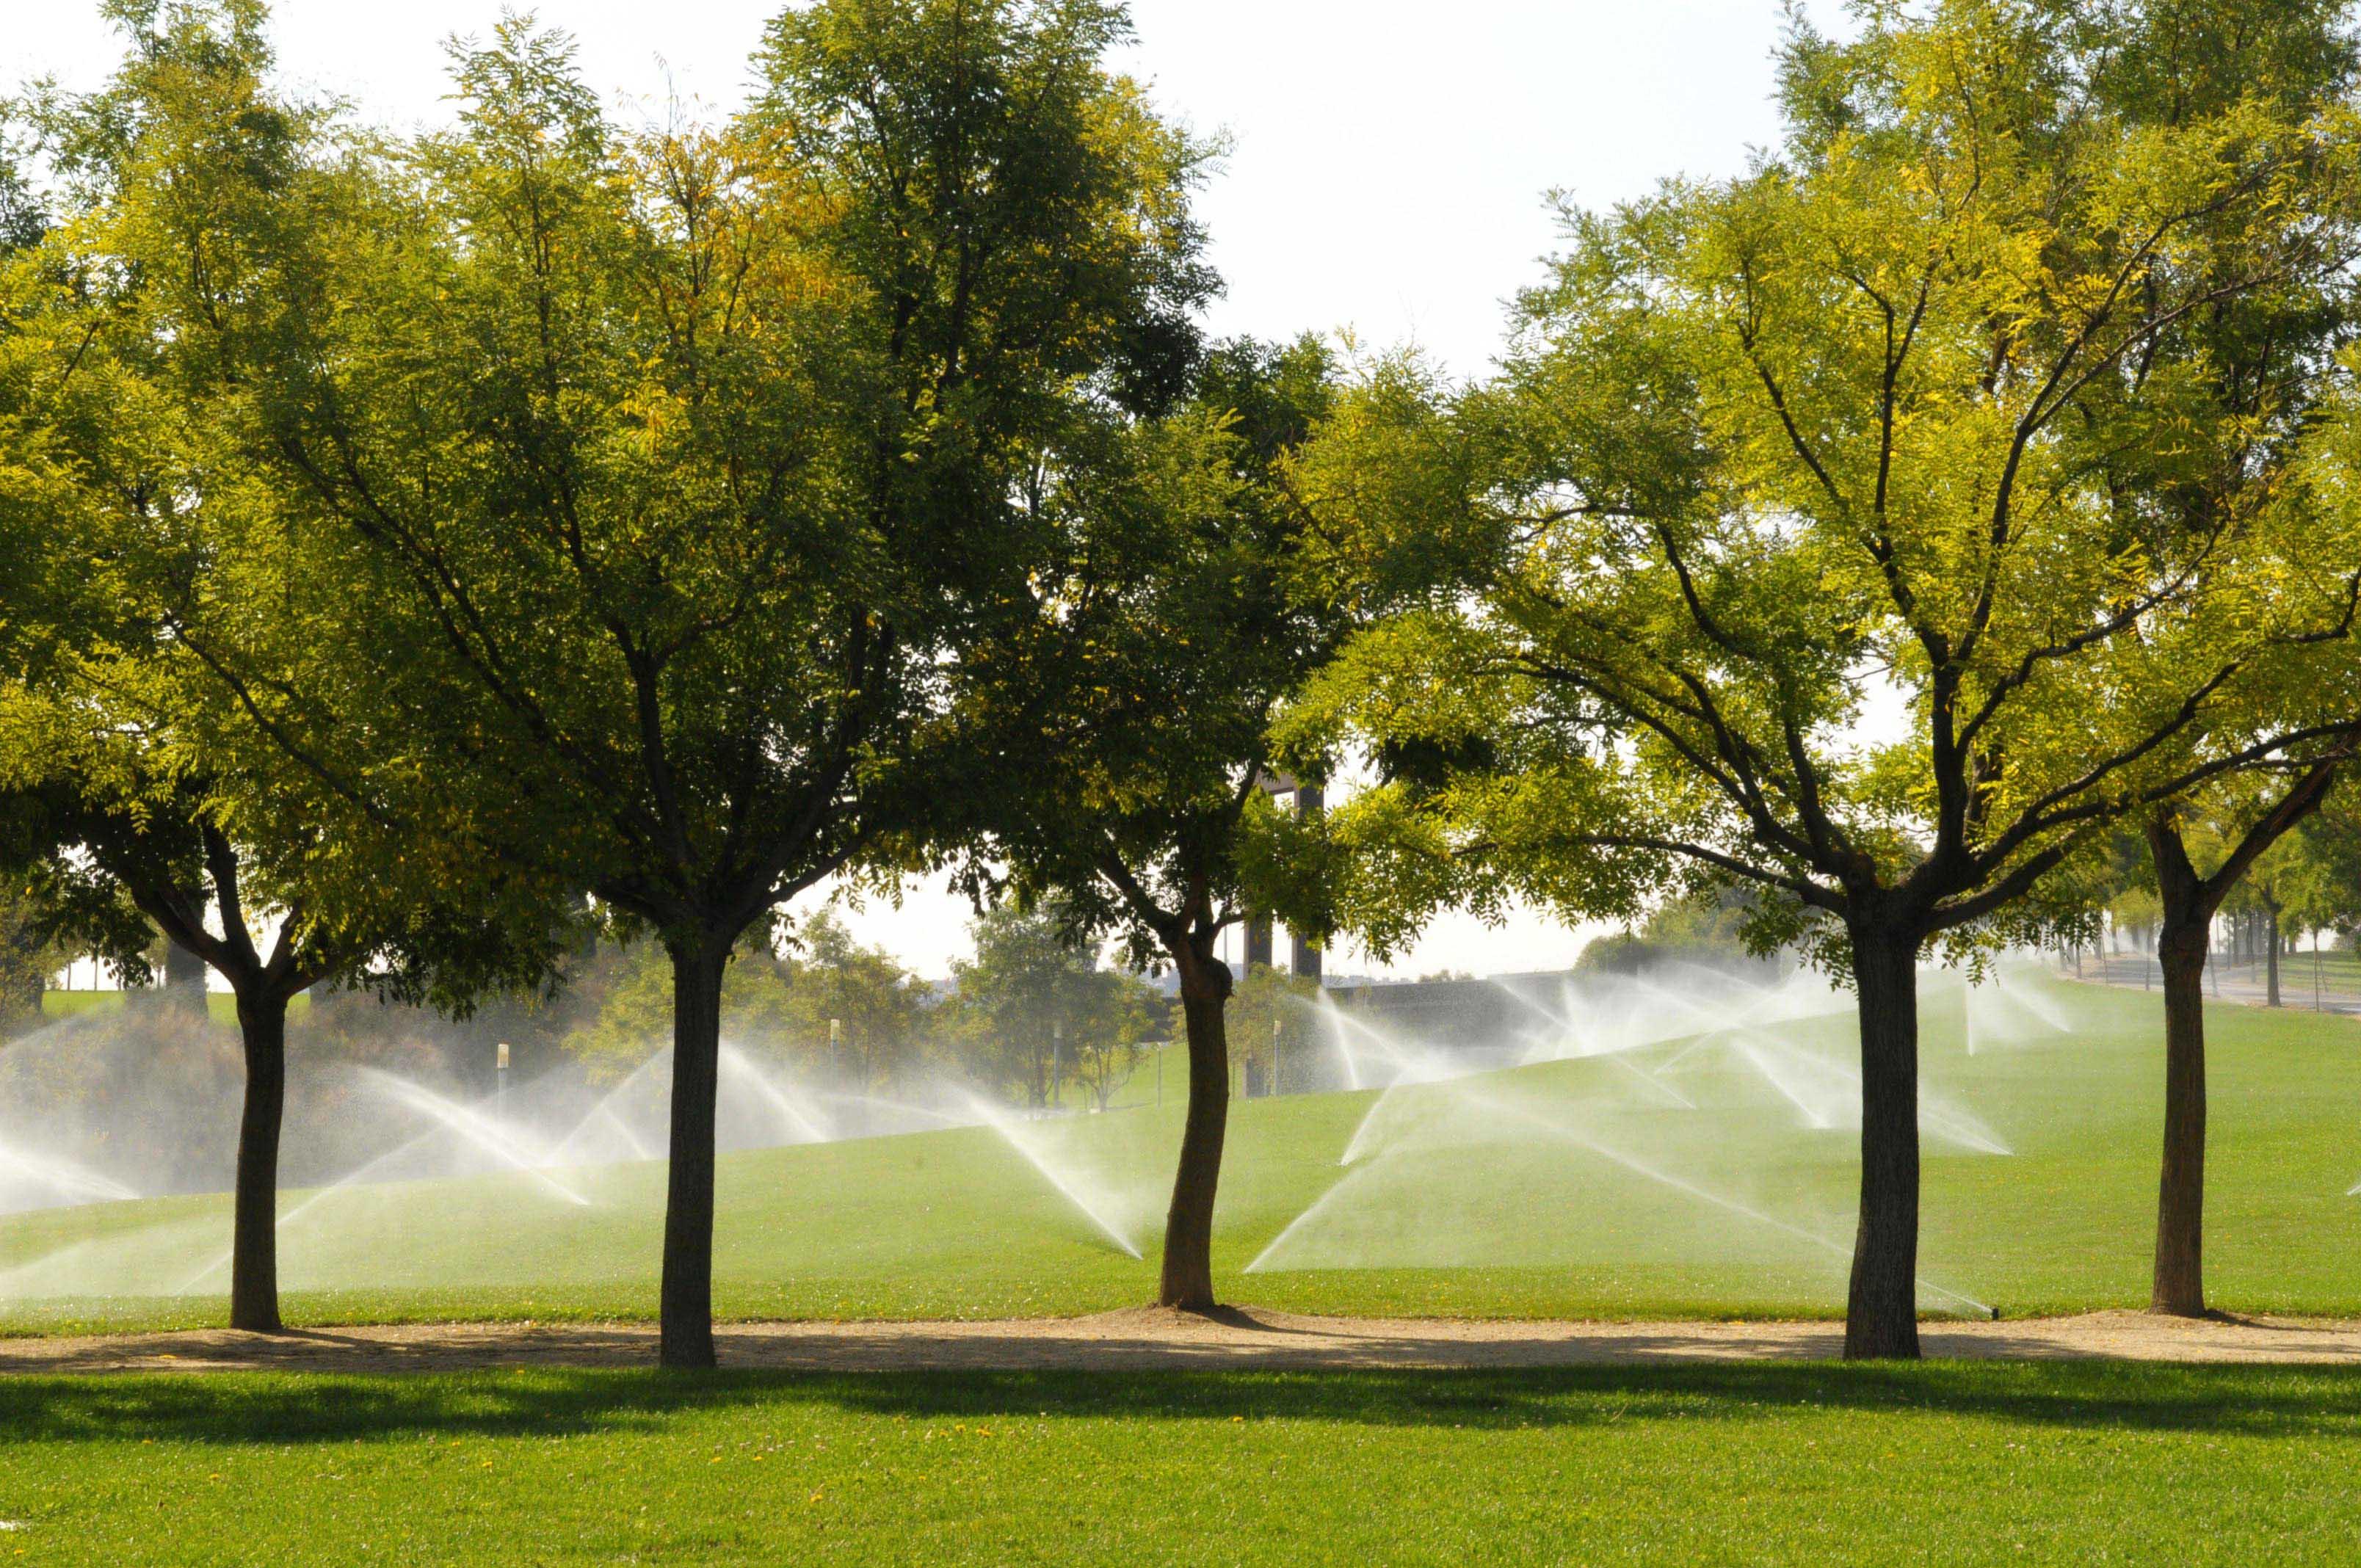 Redes de riego con agua reciclada ayuntamiento de madrid for Aspersores de agua para jardin